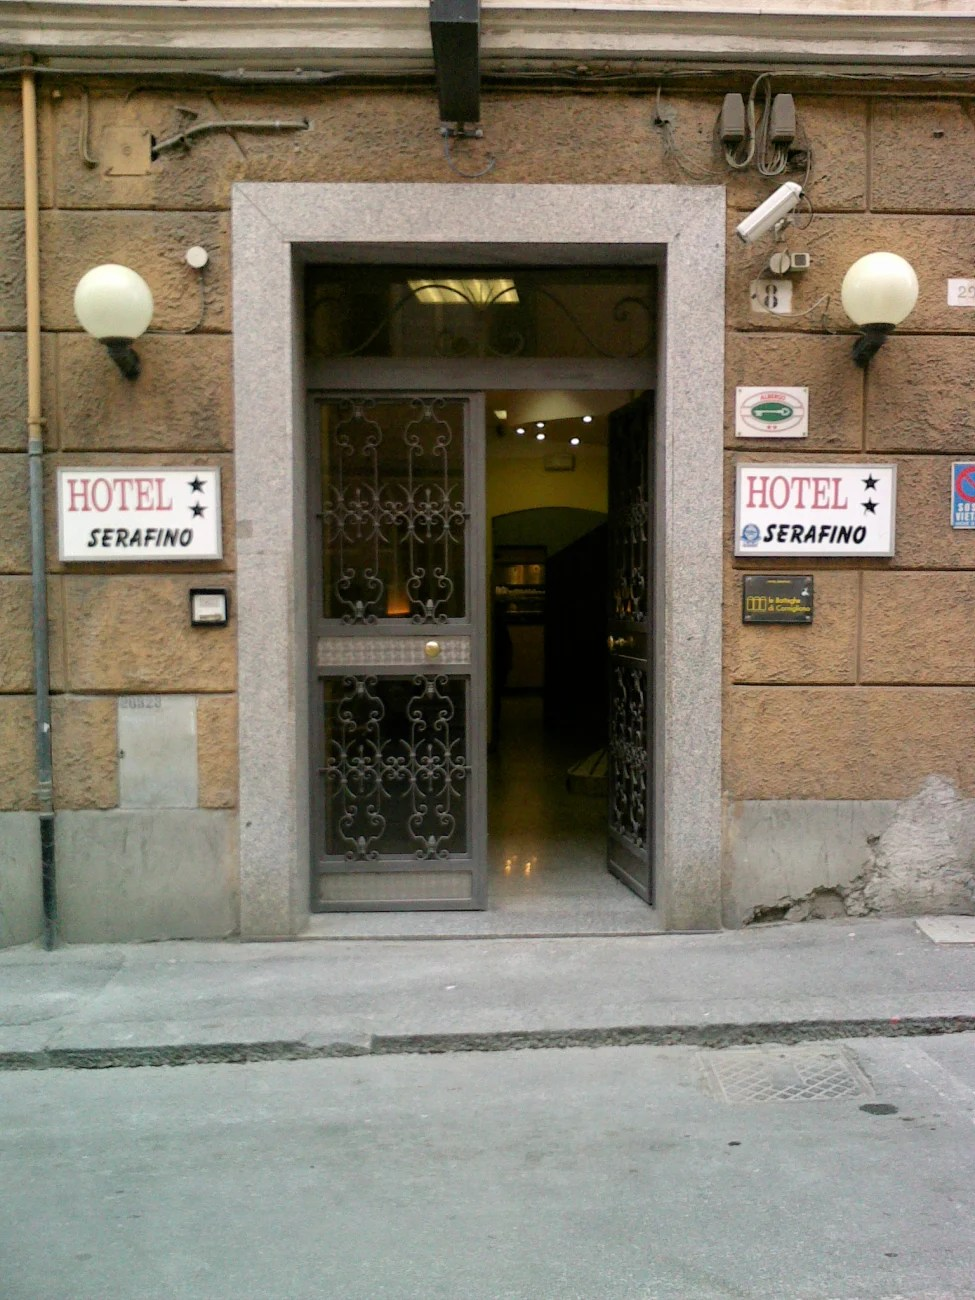 Hotel Serafino Genoa Trivago Com